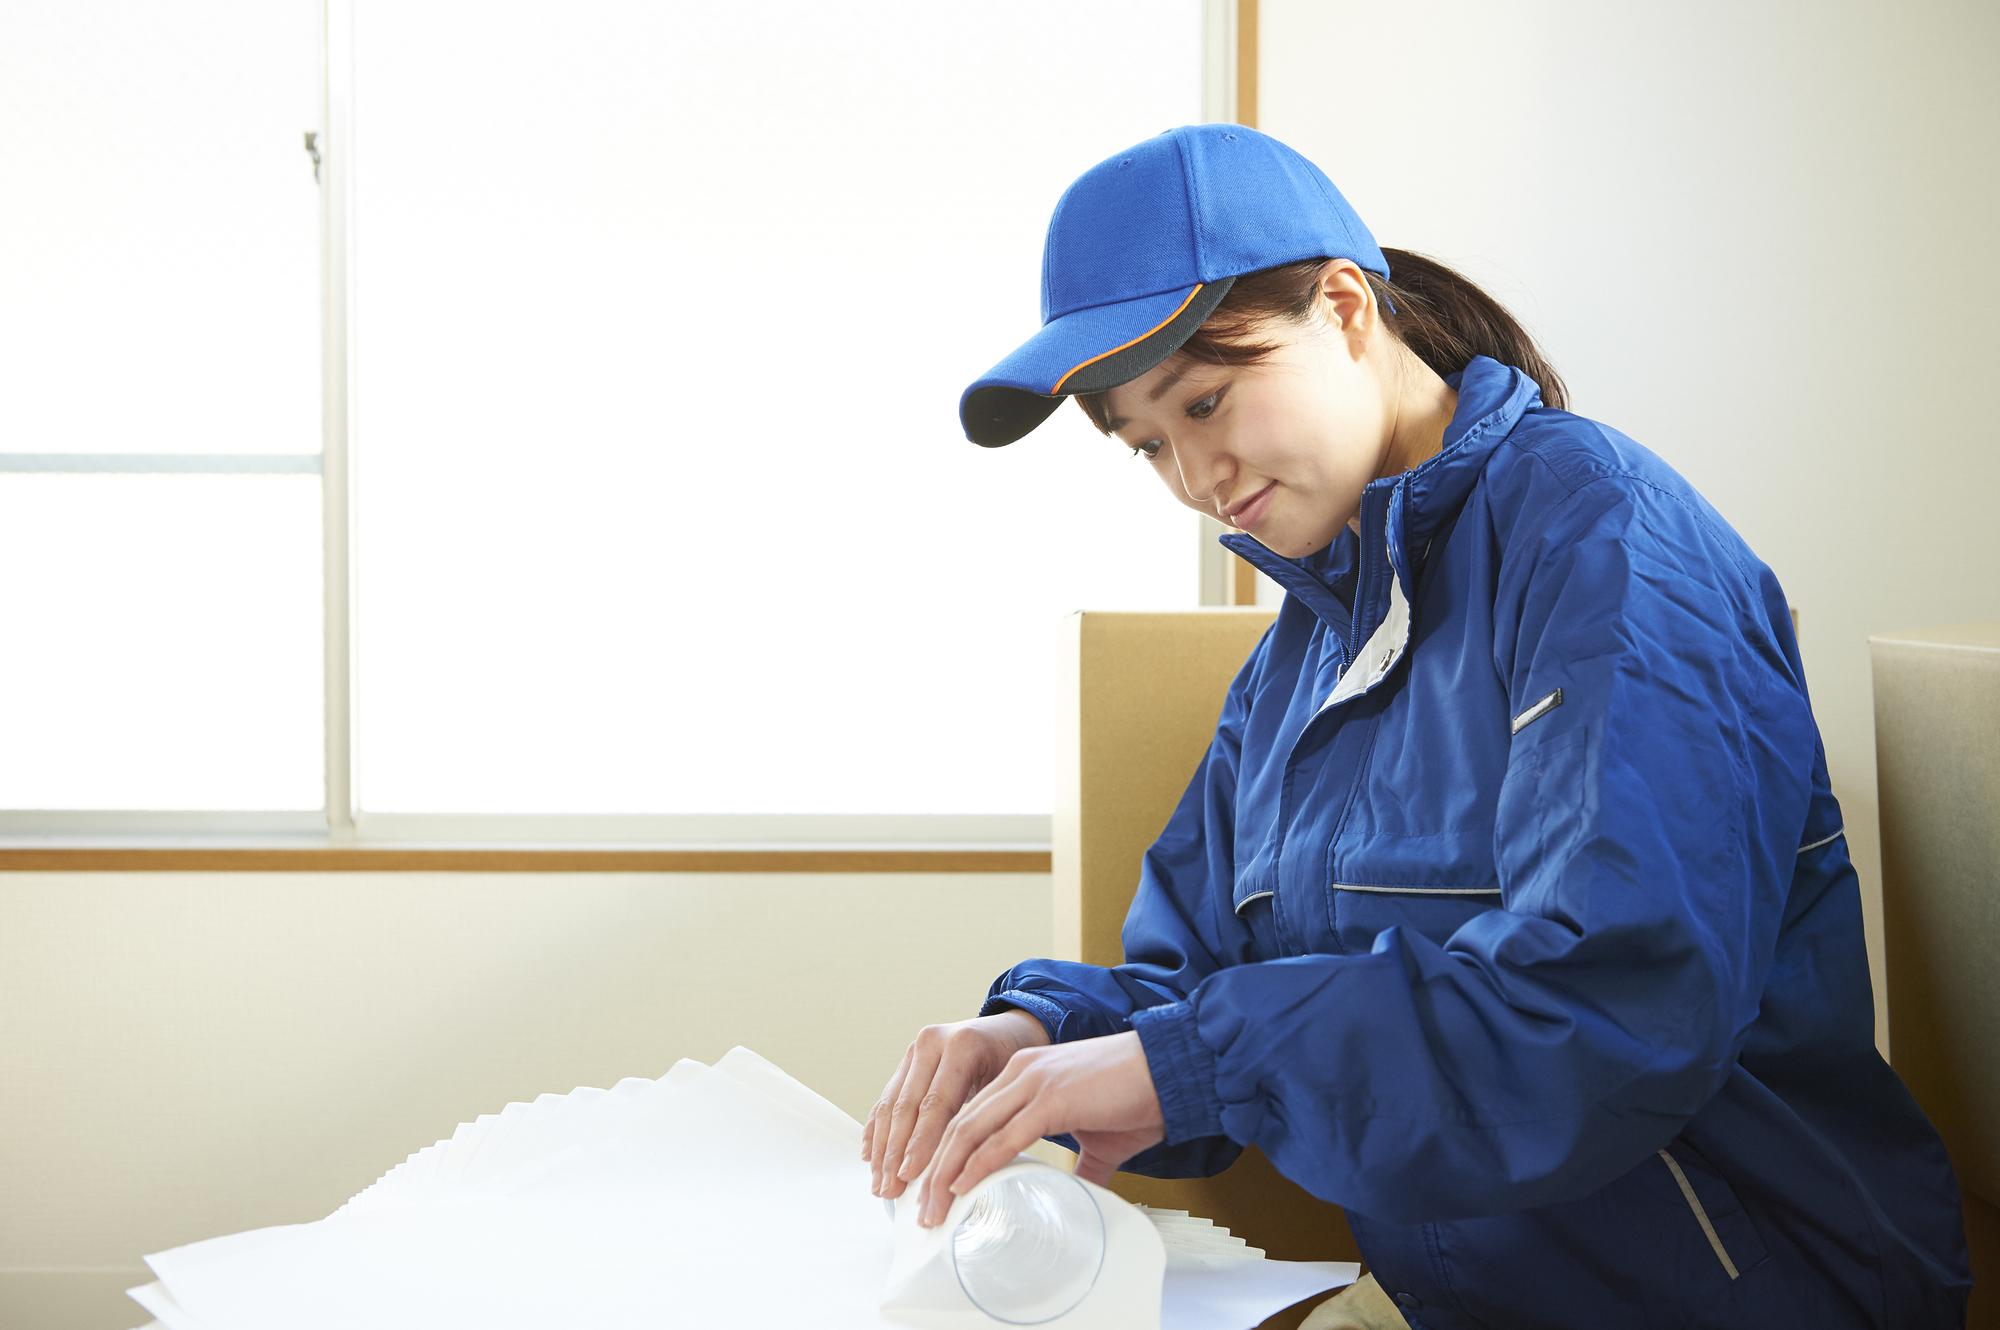 女性スタッフが梱包するイメージ